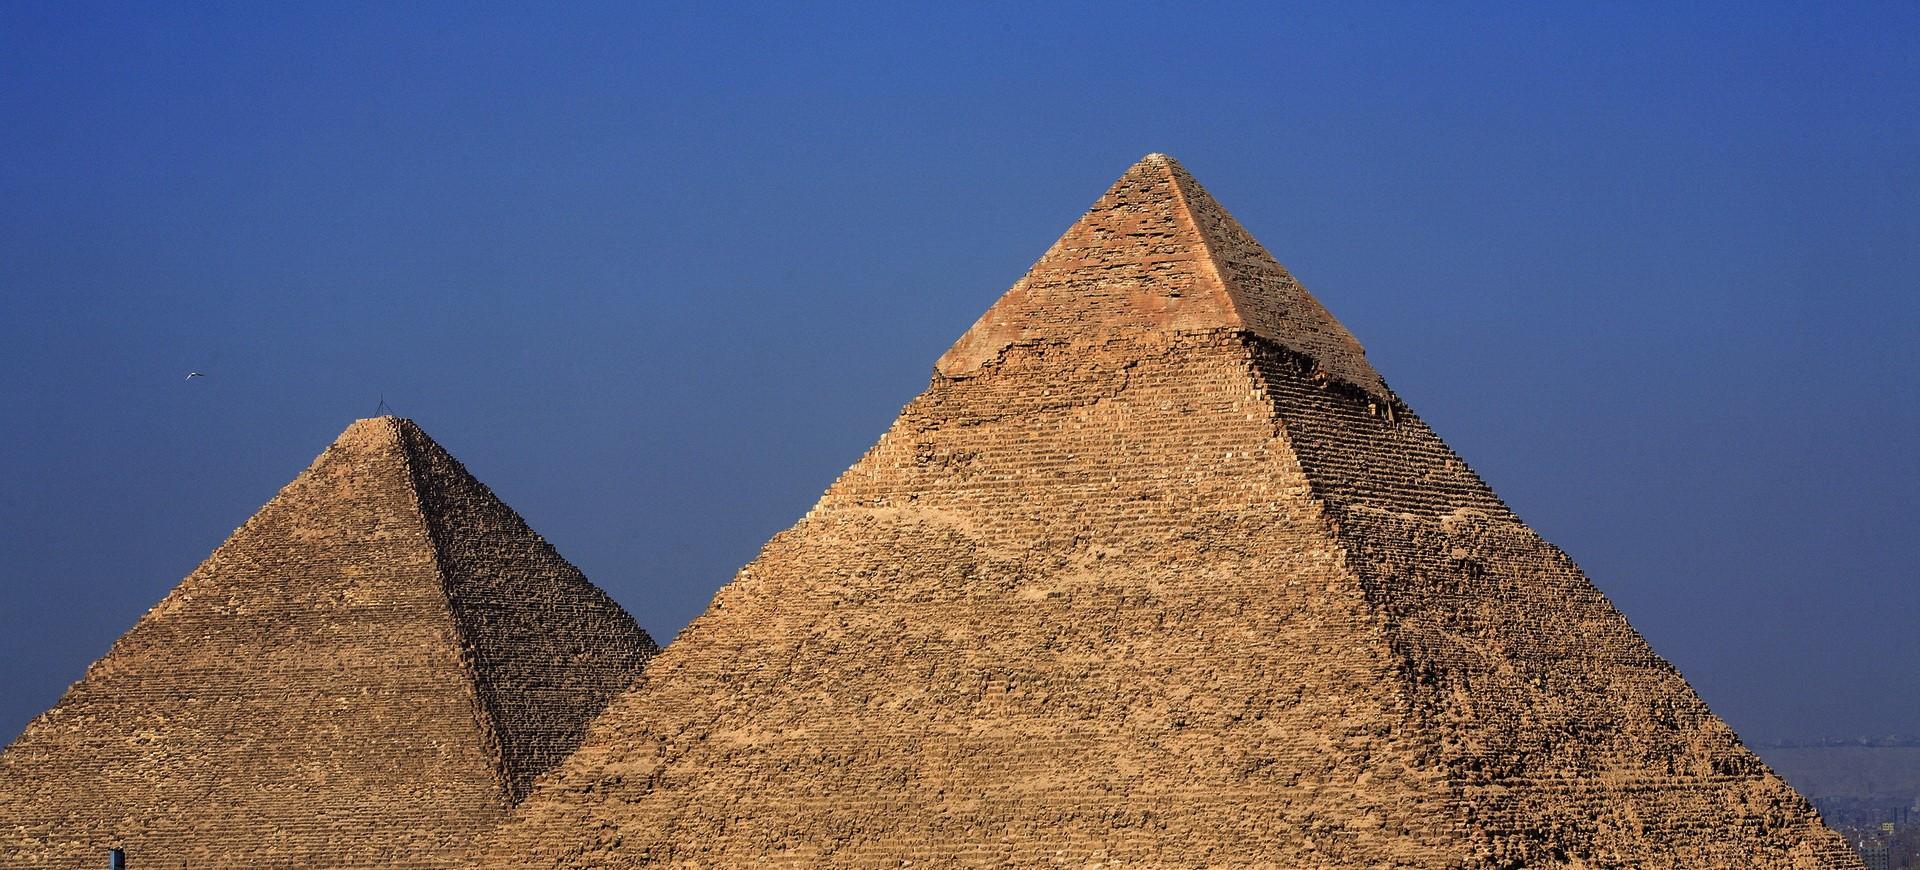 Les Pyramides de Guizeh au Caire en Egypte